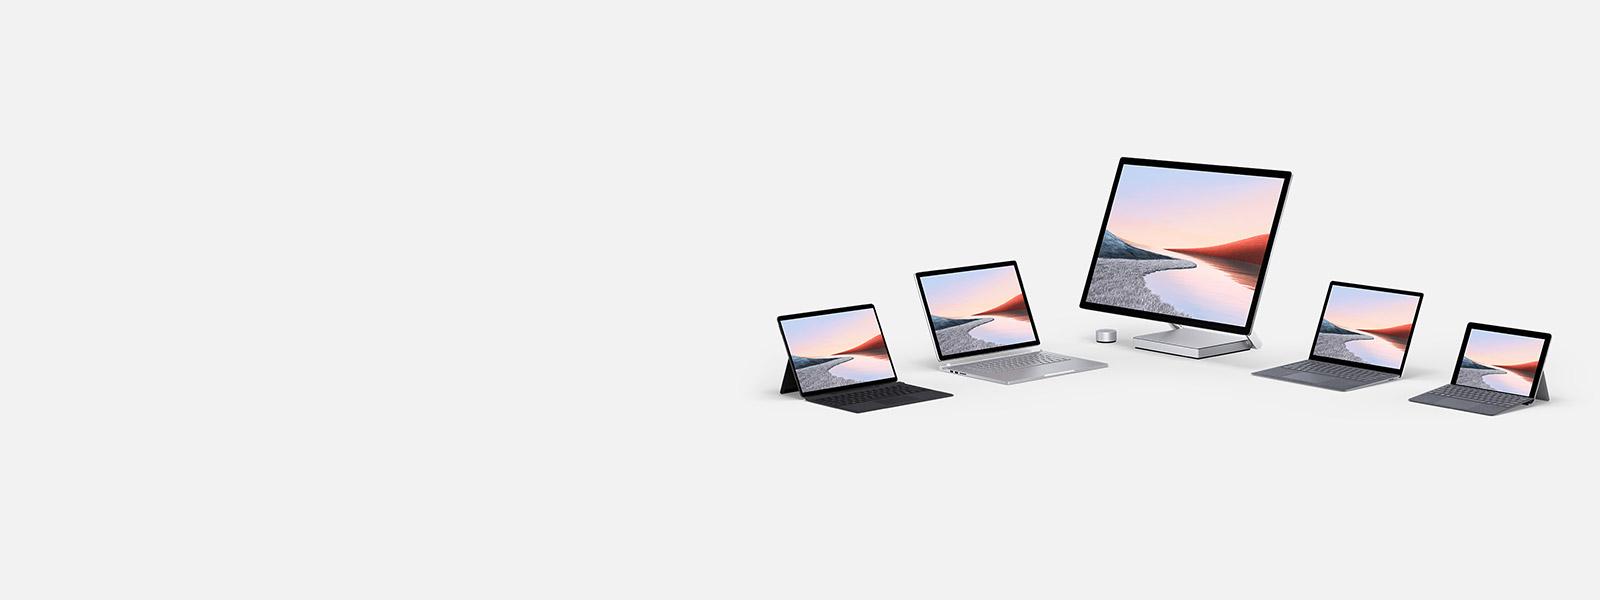 Surface All Access,按月付费焕新计划